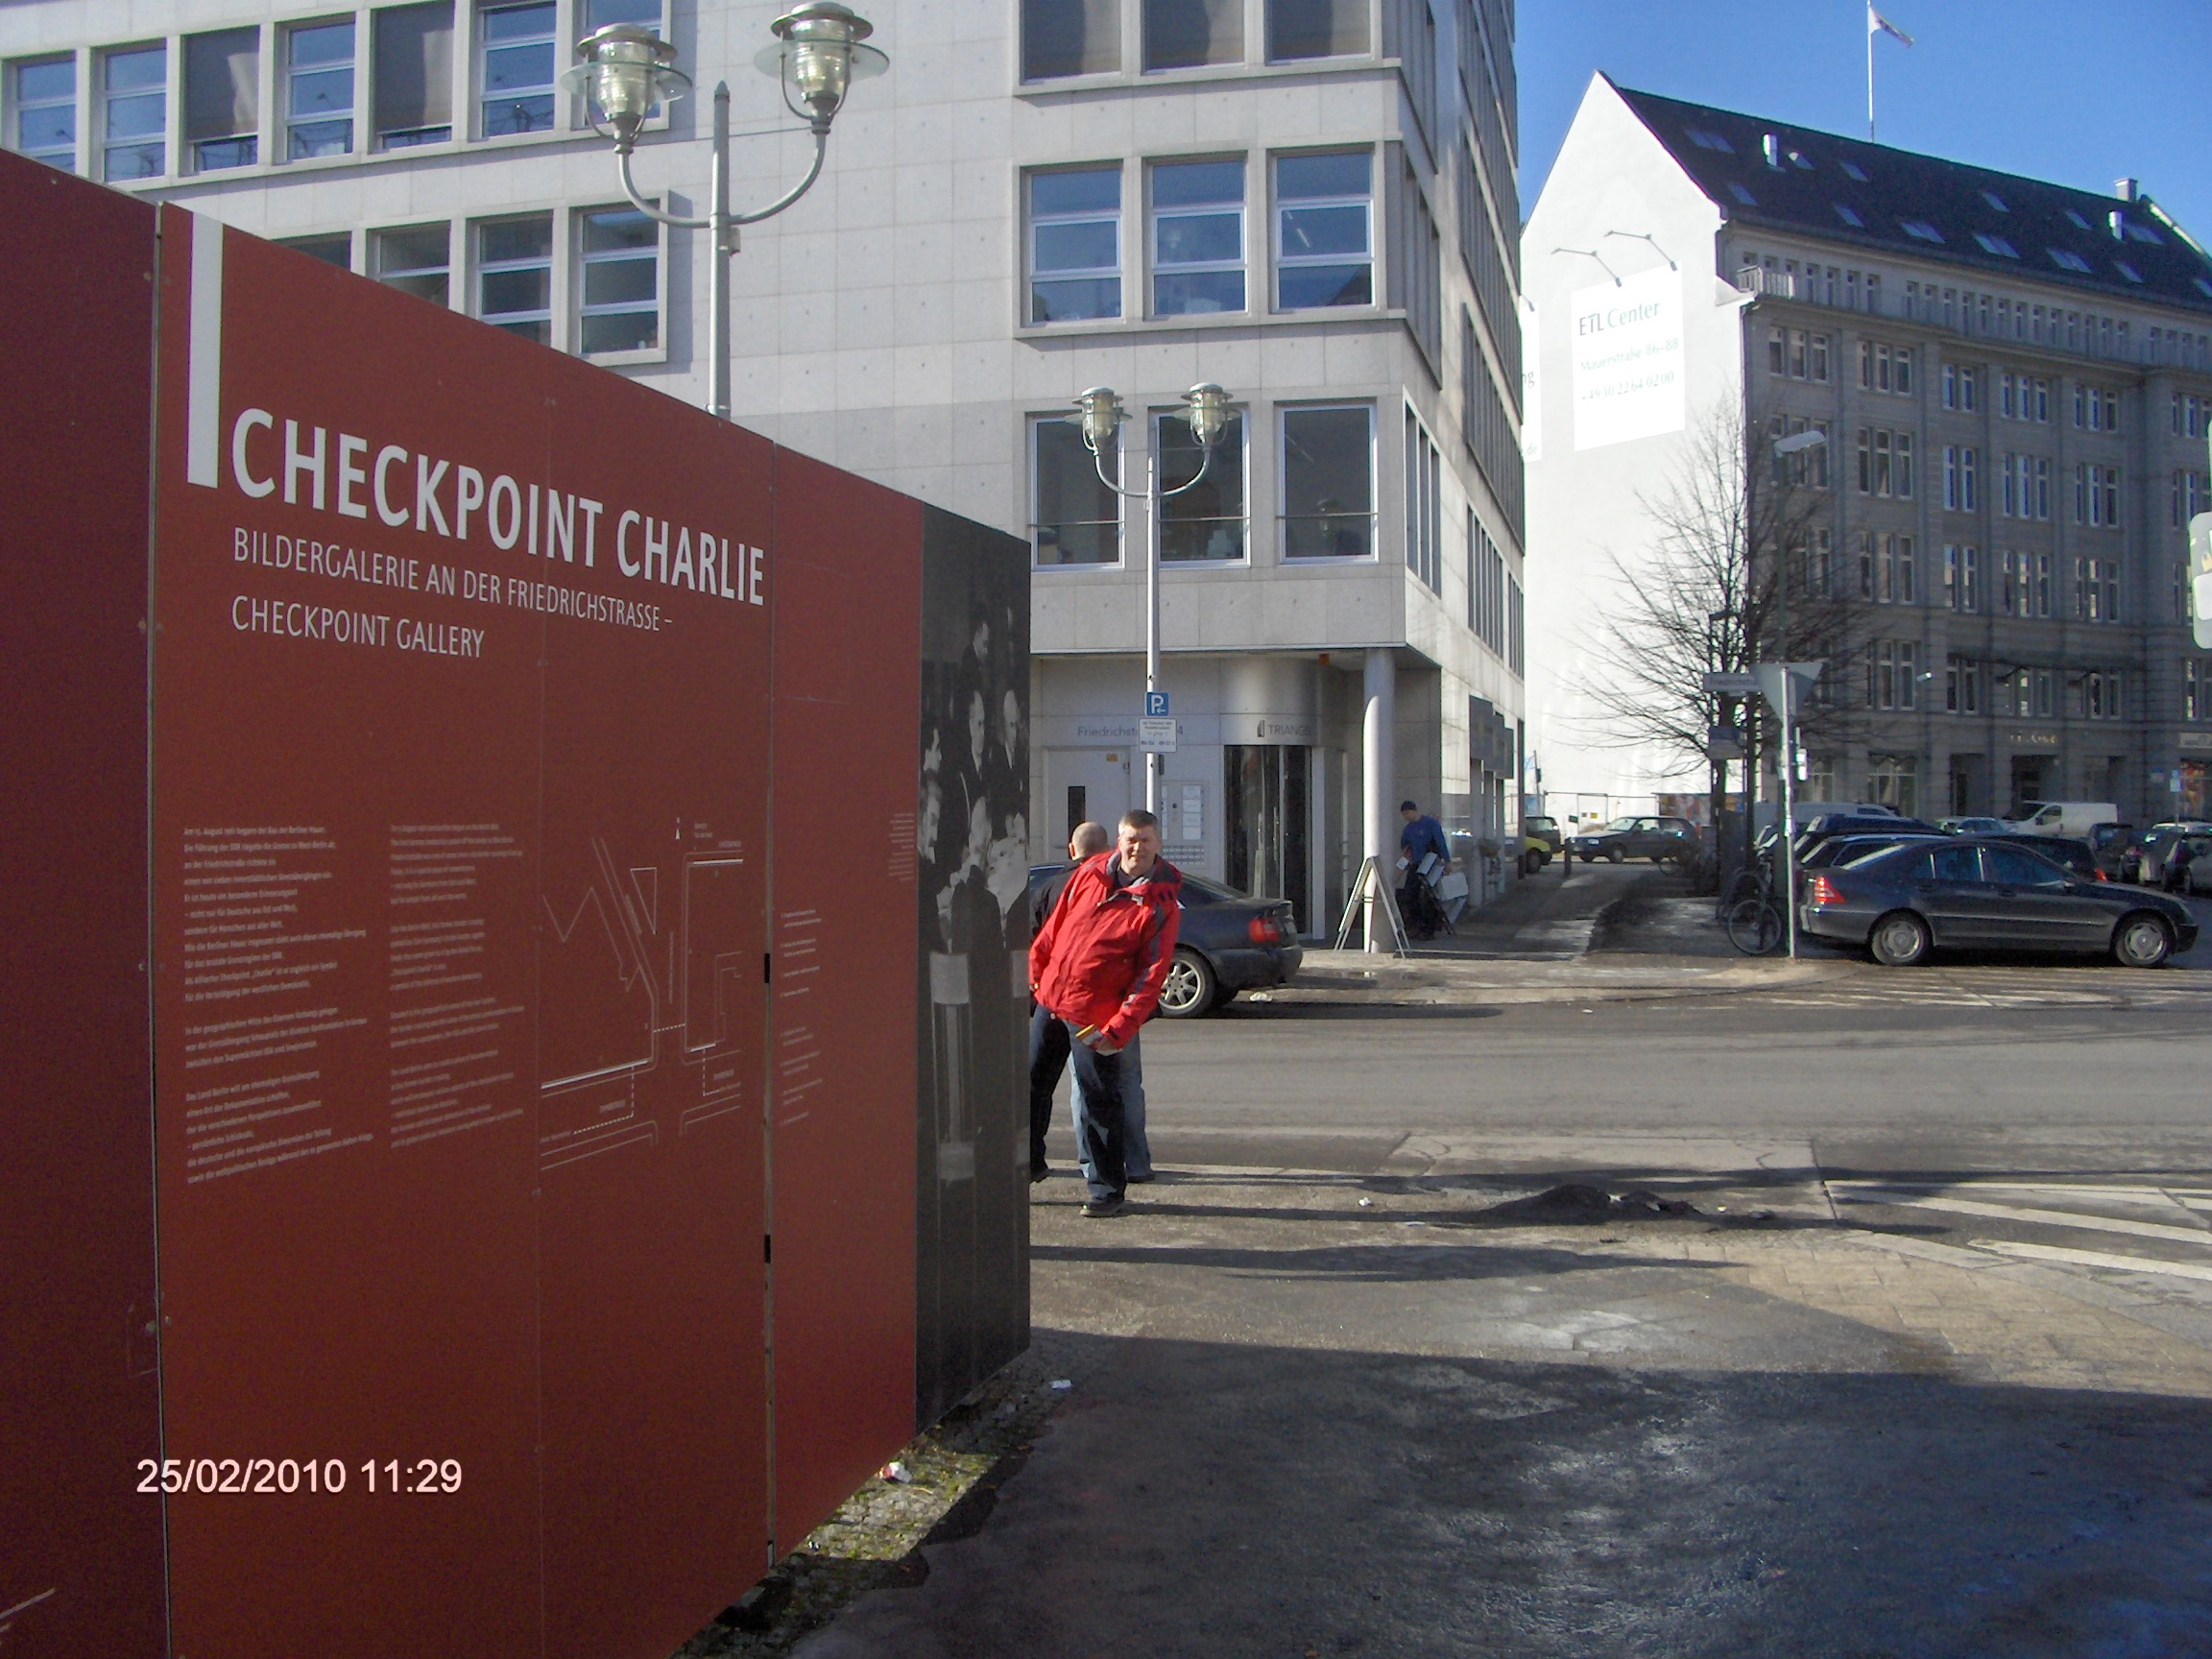 hvornår blev berlinmuren væltet